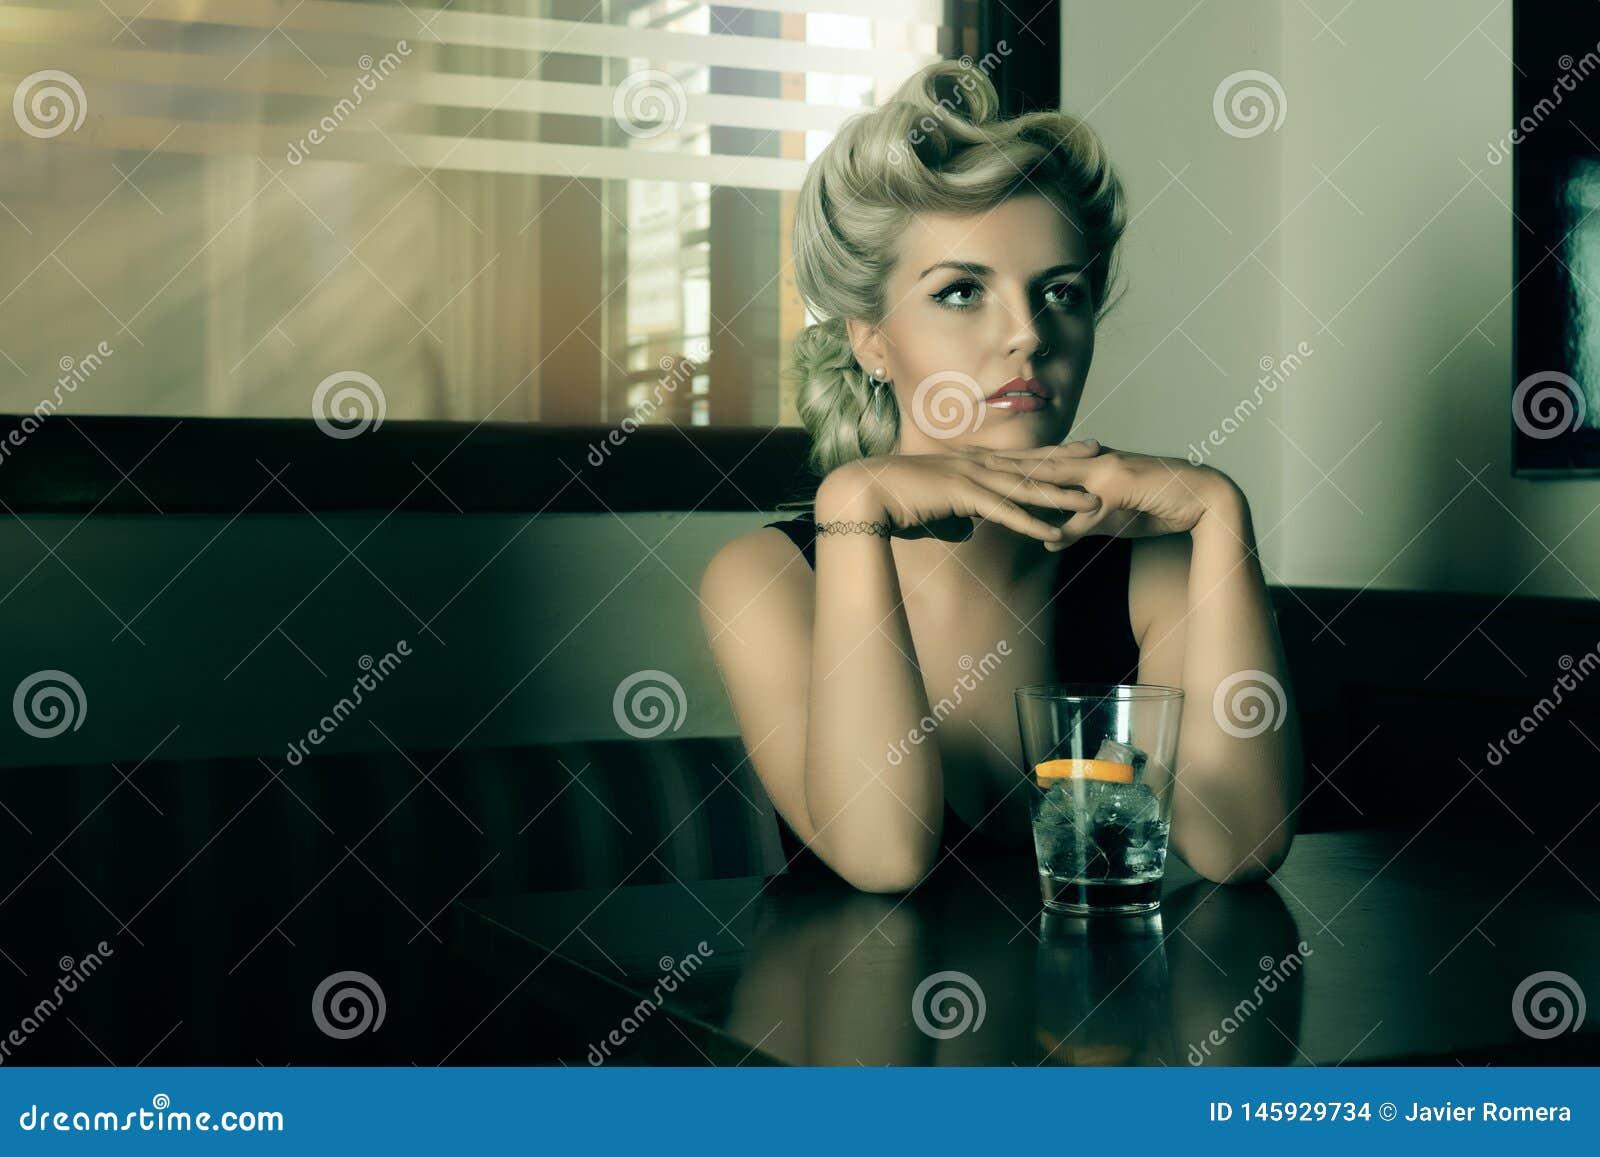 Винтажная и рефлексивная блондинка смотря кто-то в баре